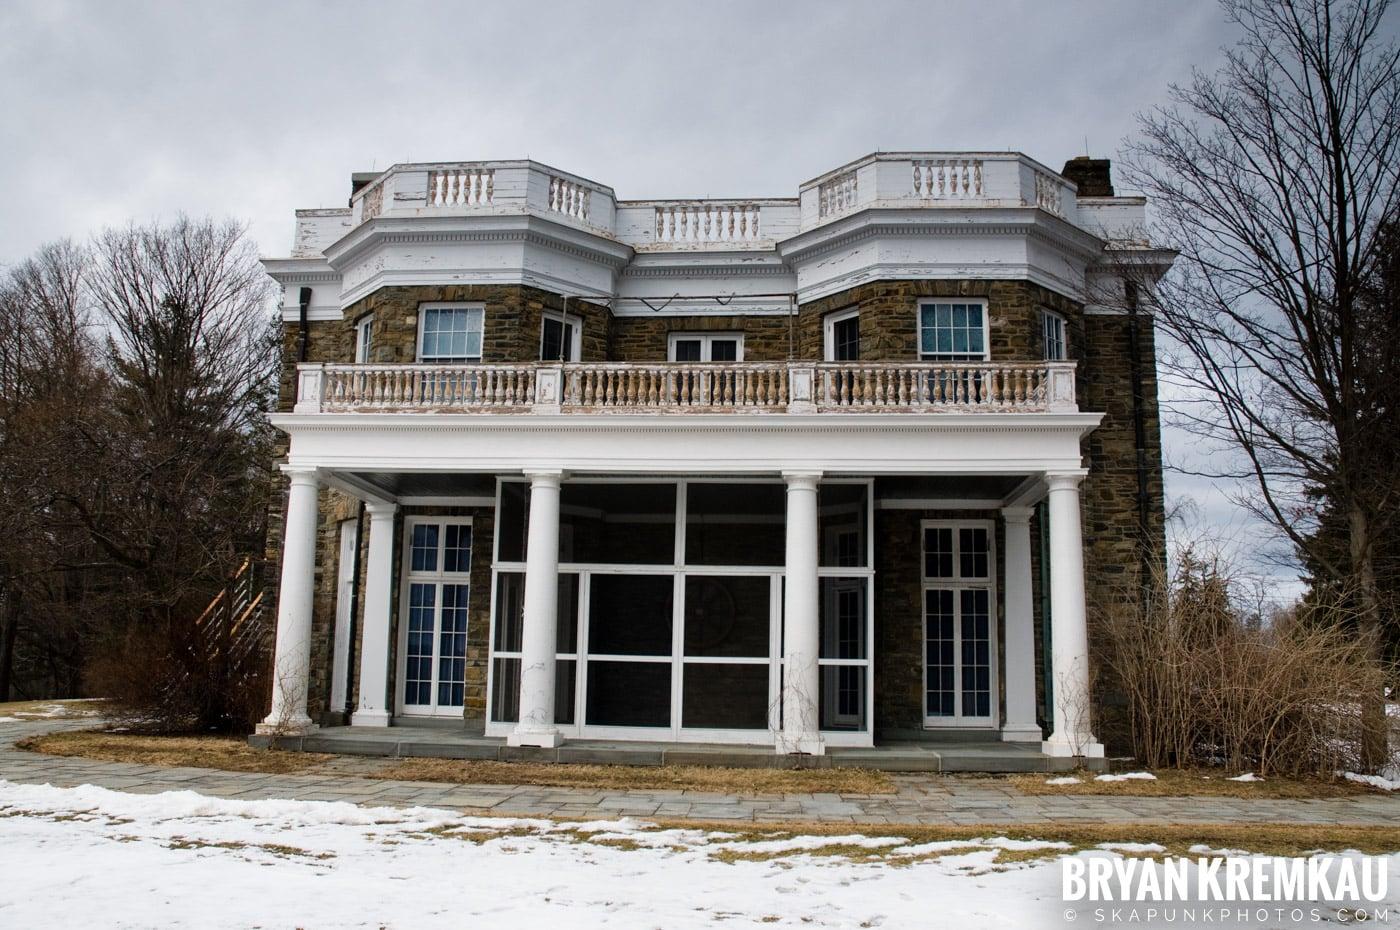 Valentine's Day Trip @ Rhinebeck, FDR's Home, Vanderbilt, Wilderstein Historic Site, NY - 2.14.10 (10)